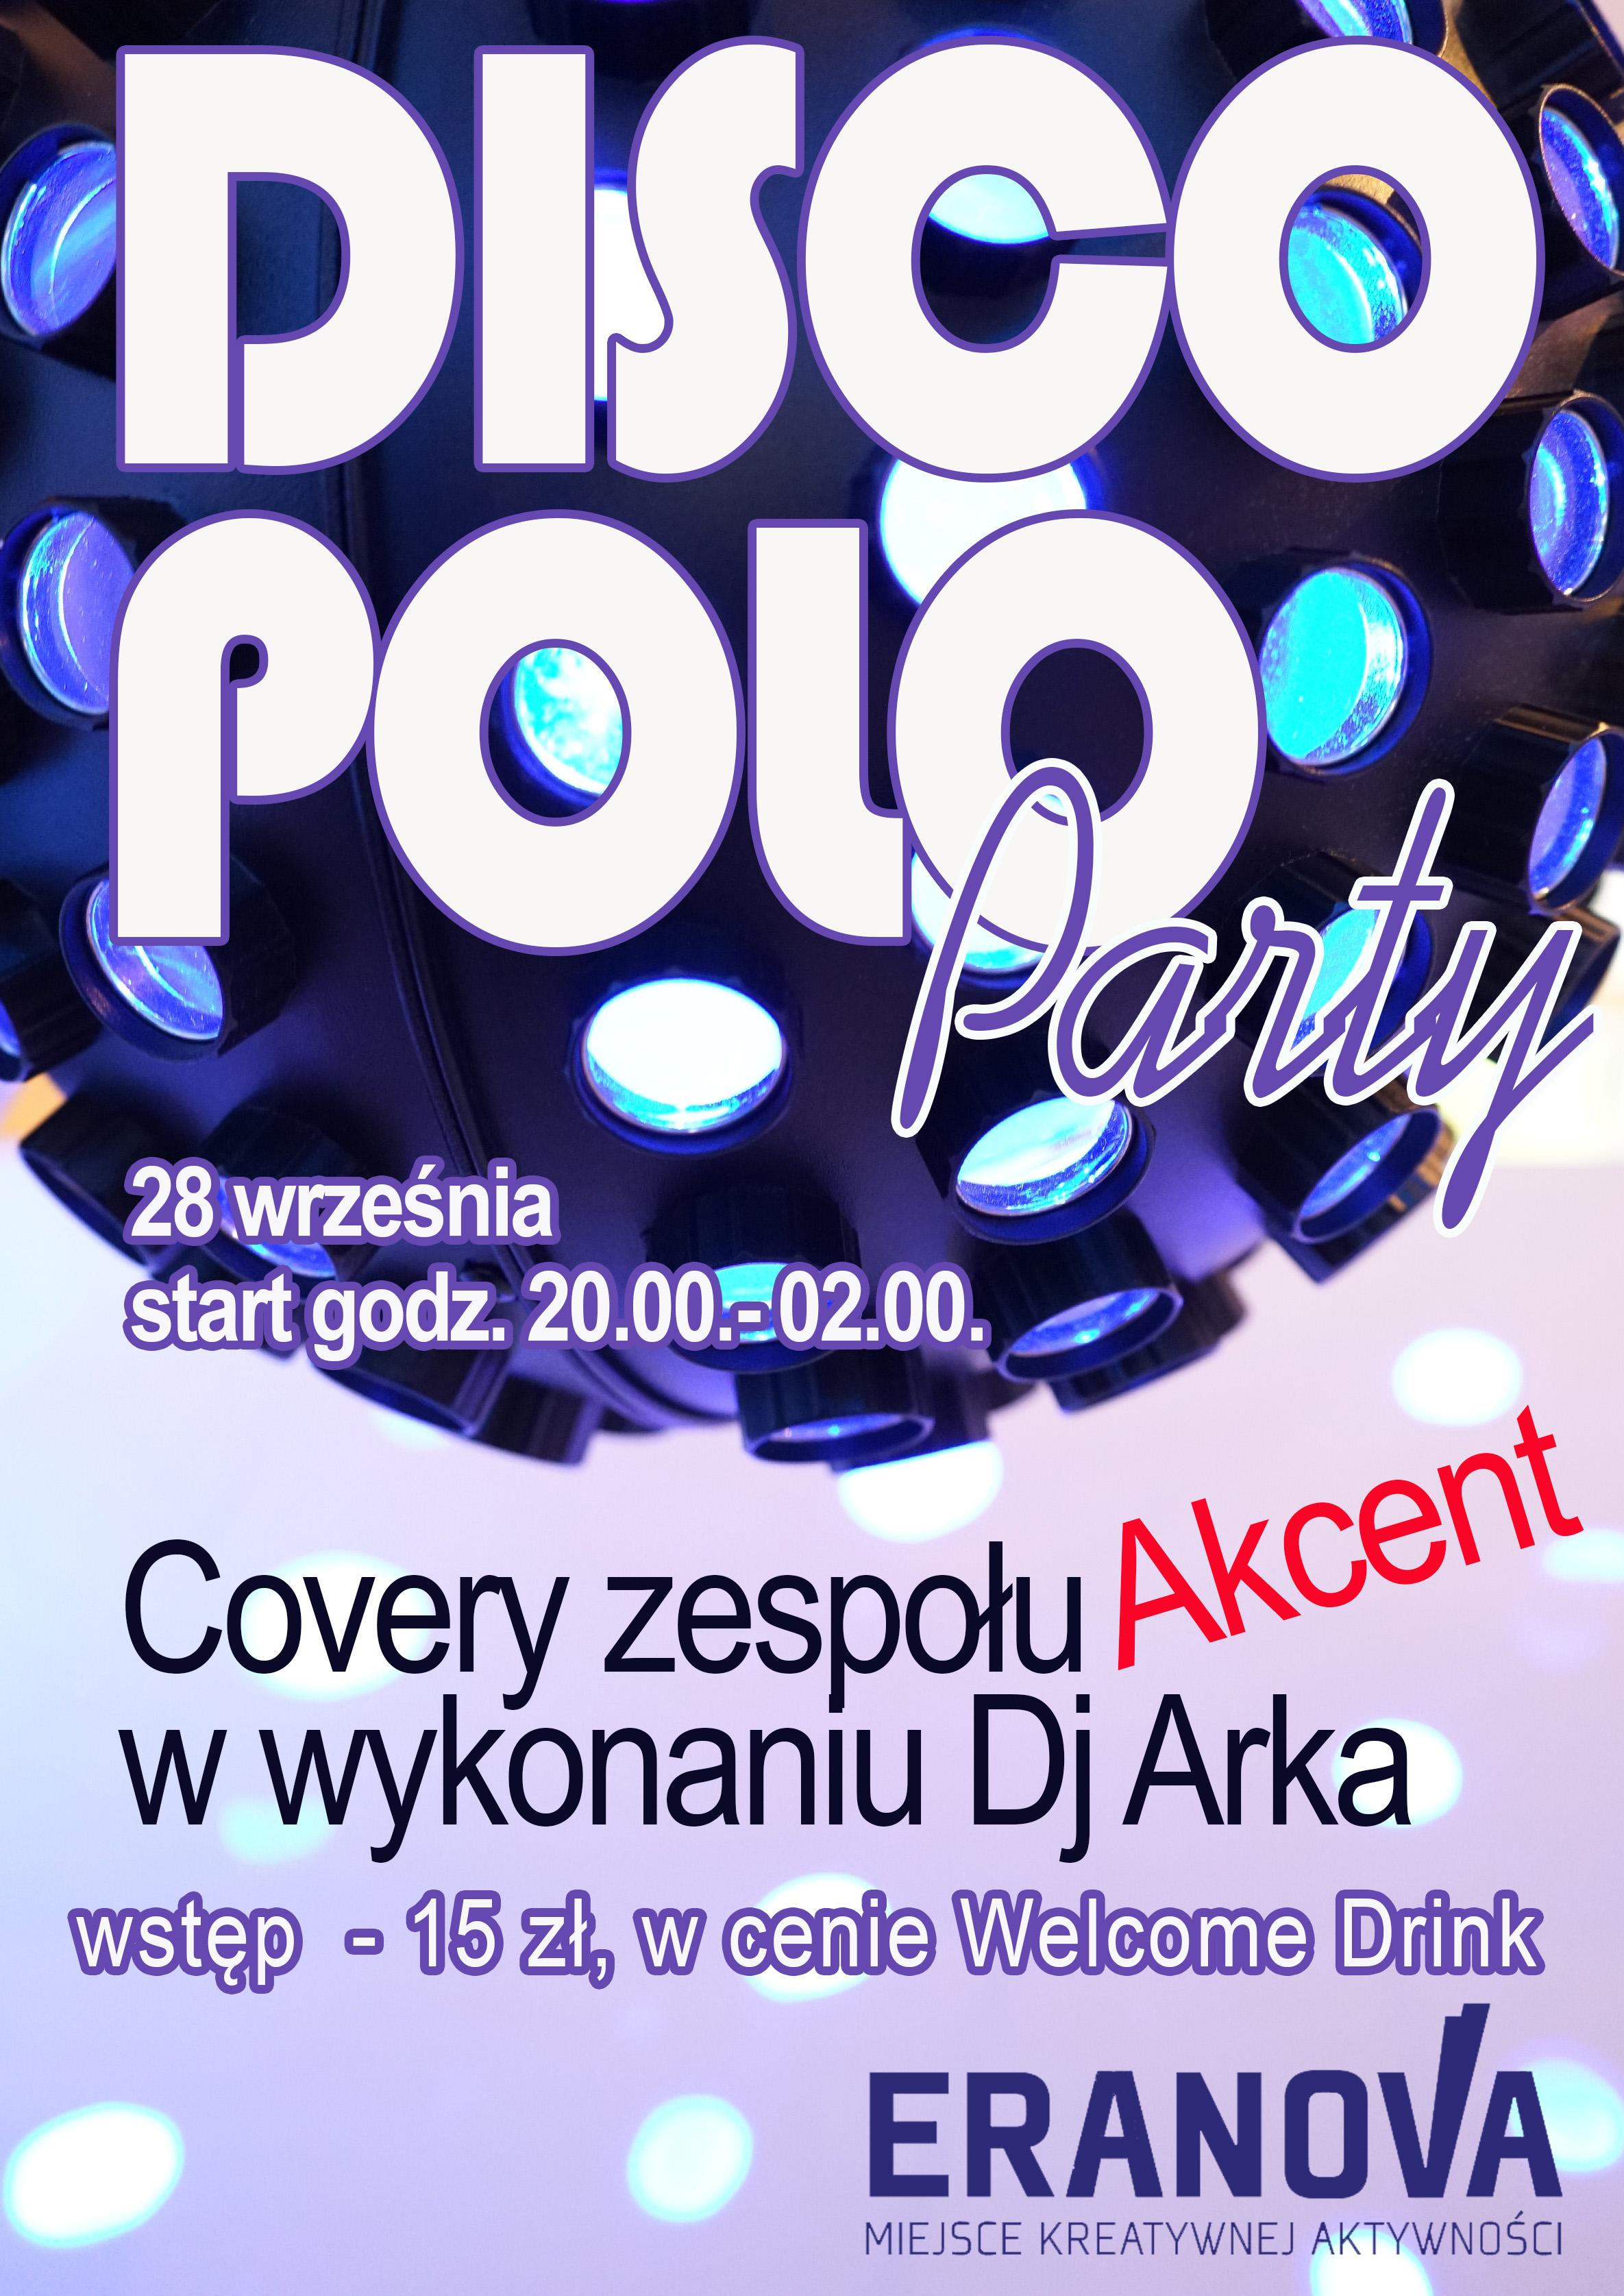 http://m.eranova.pl/2018/08/orig/disco-polo-28-wrzesnia-2685.jpg